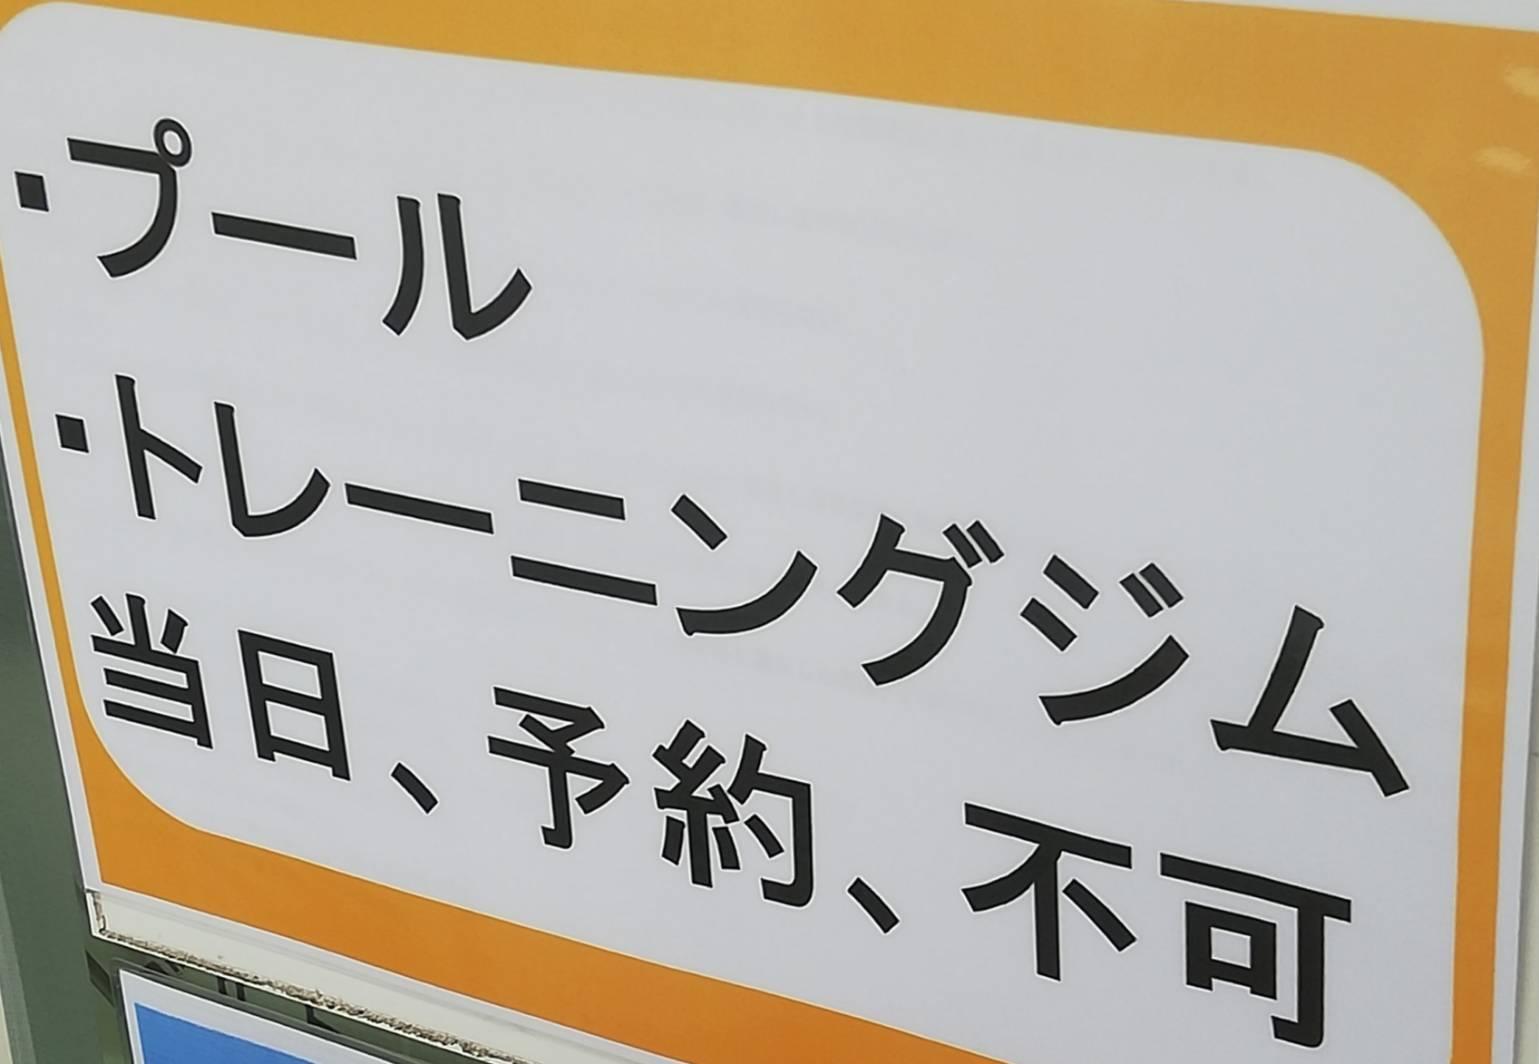 和名ヶ谷クリーンセンター温水プール当日予約不可